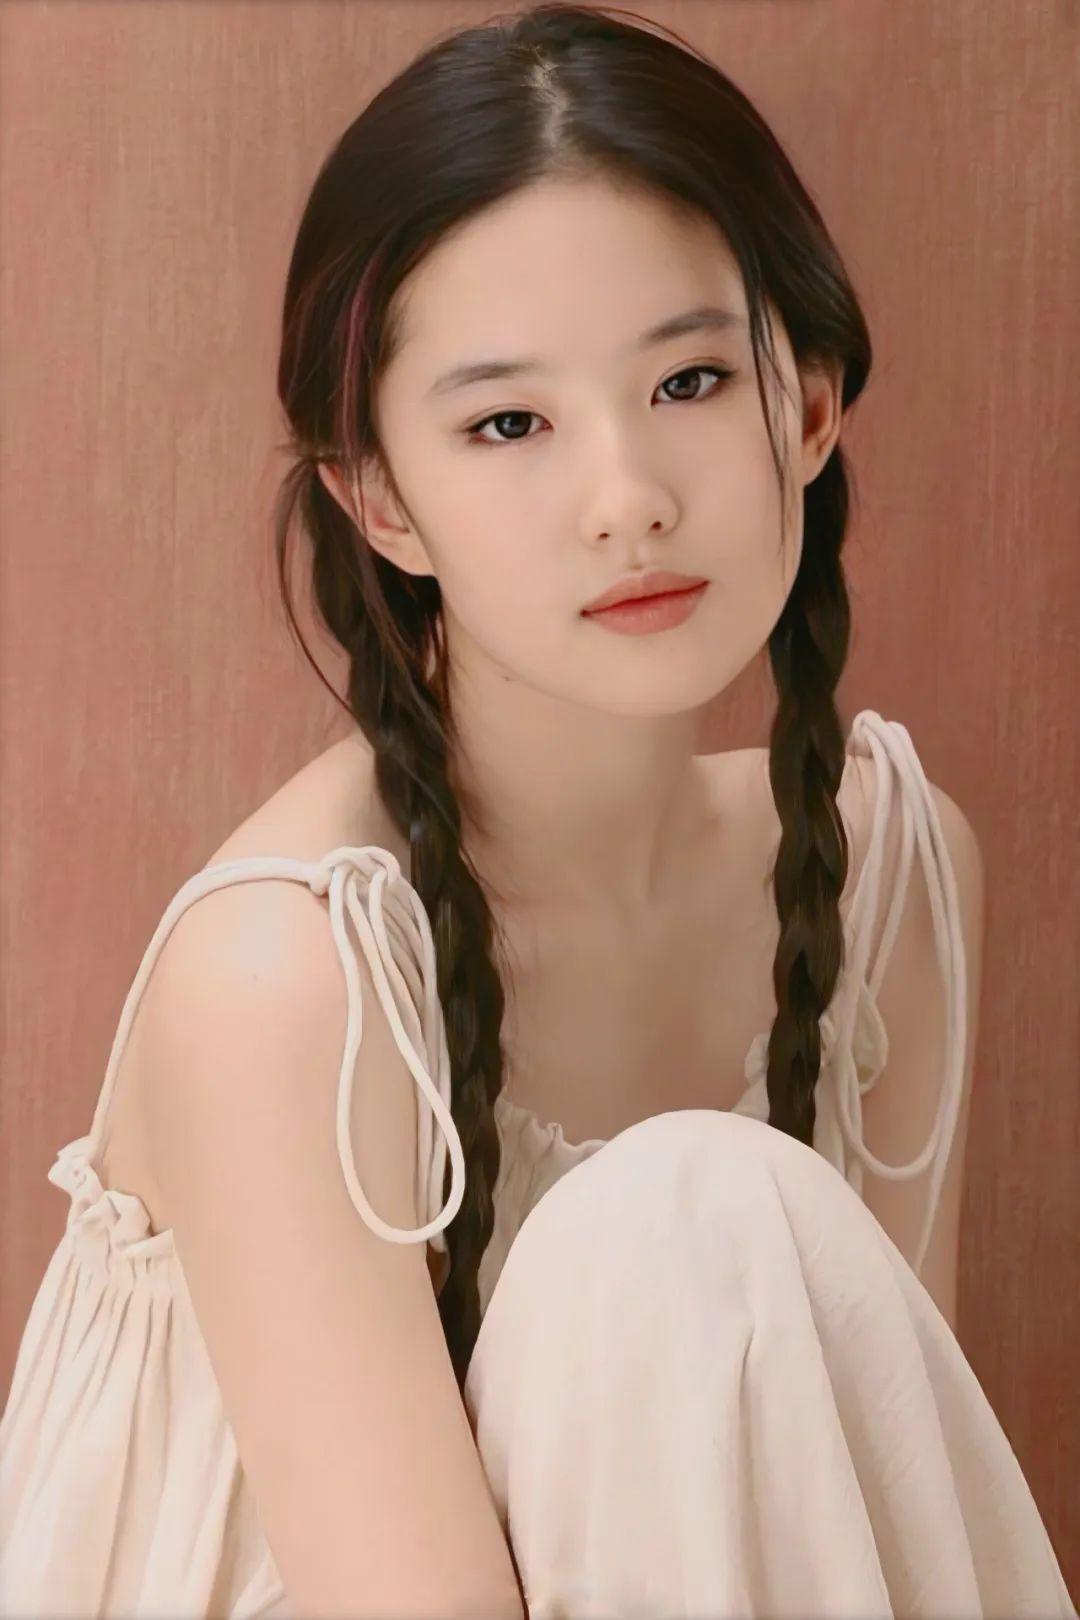 刘亦菲18岁写真,麻花辫眼若秋水,面若桃花,极致动人!_图片 No.4